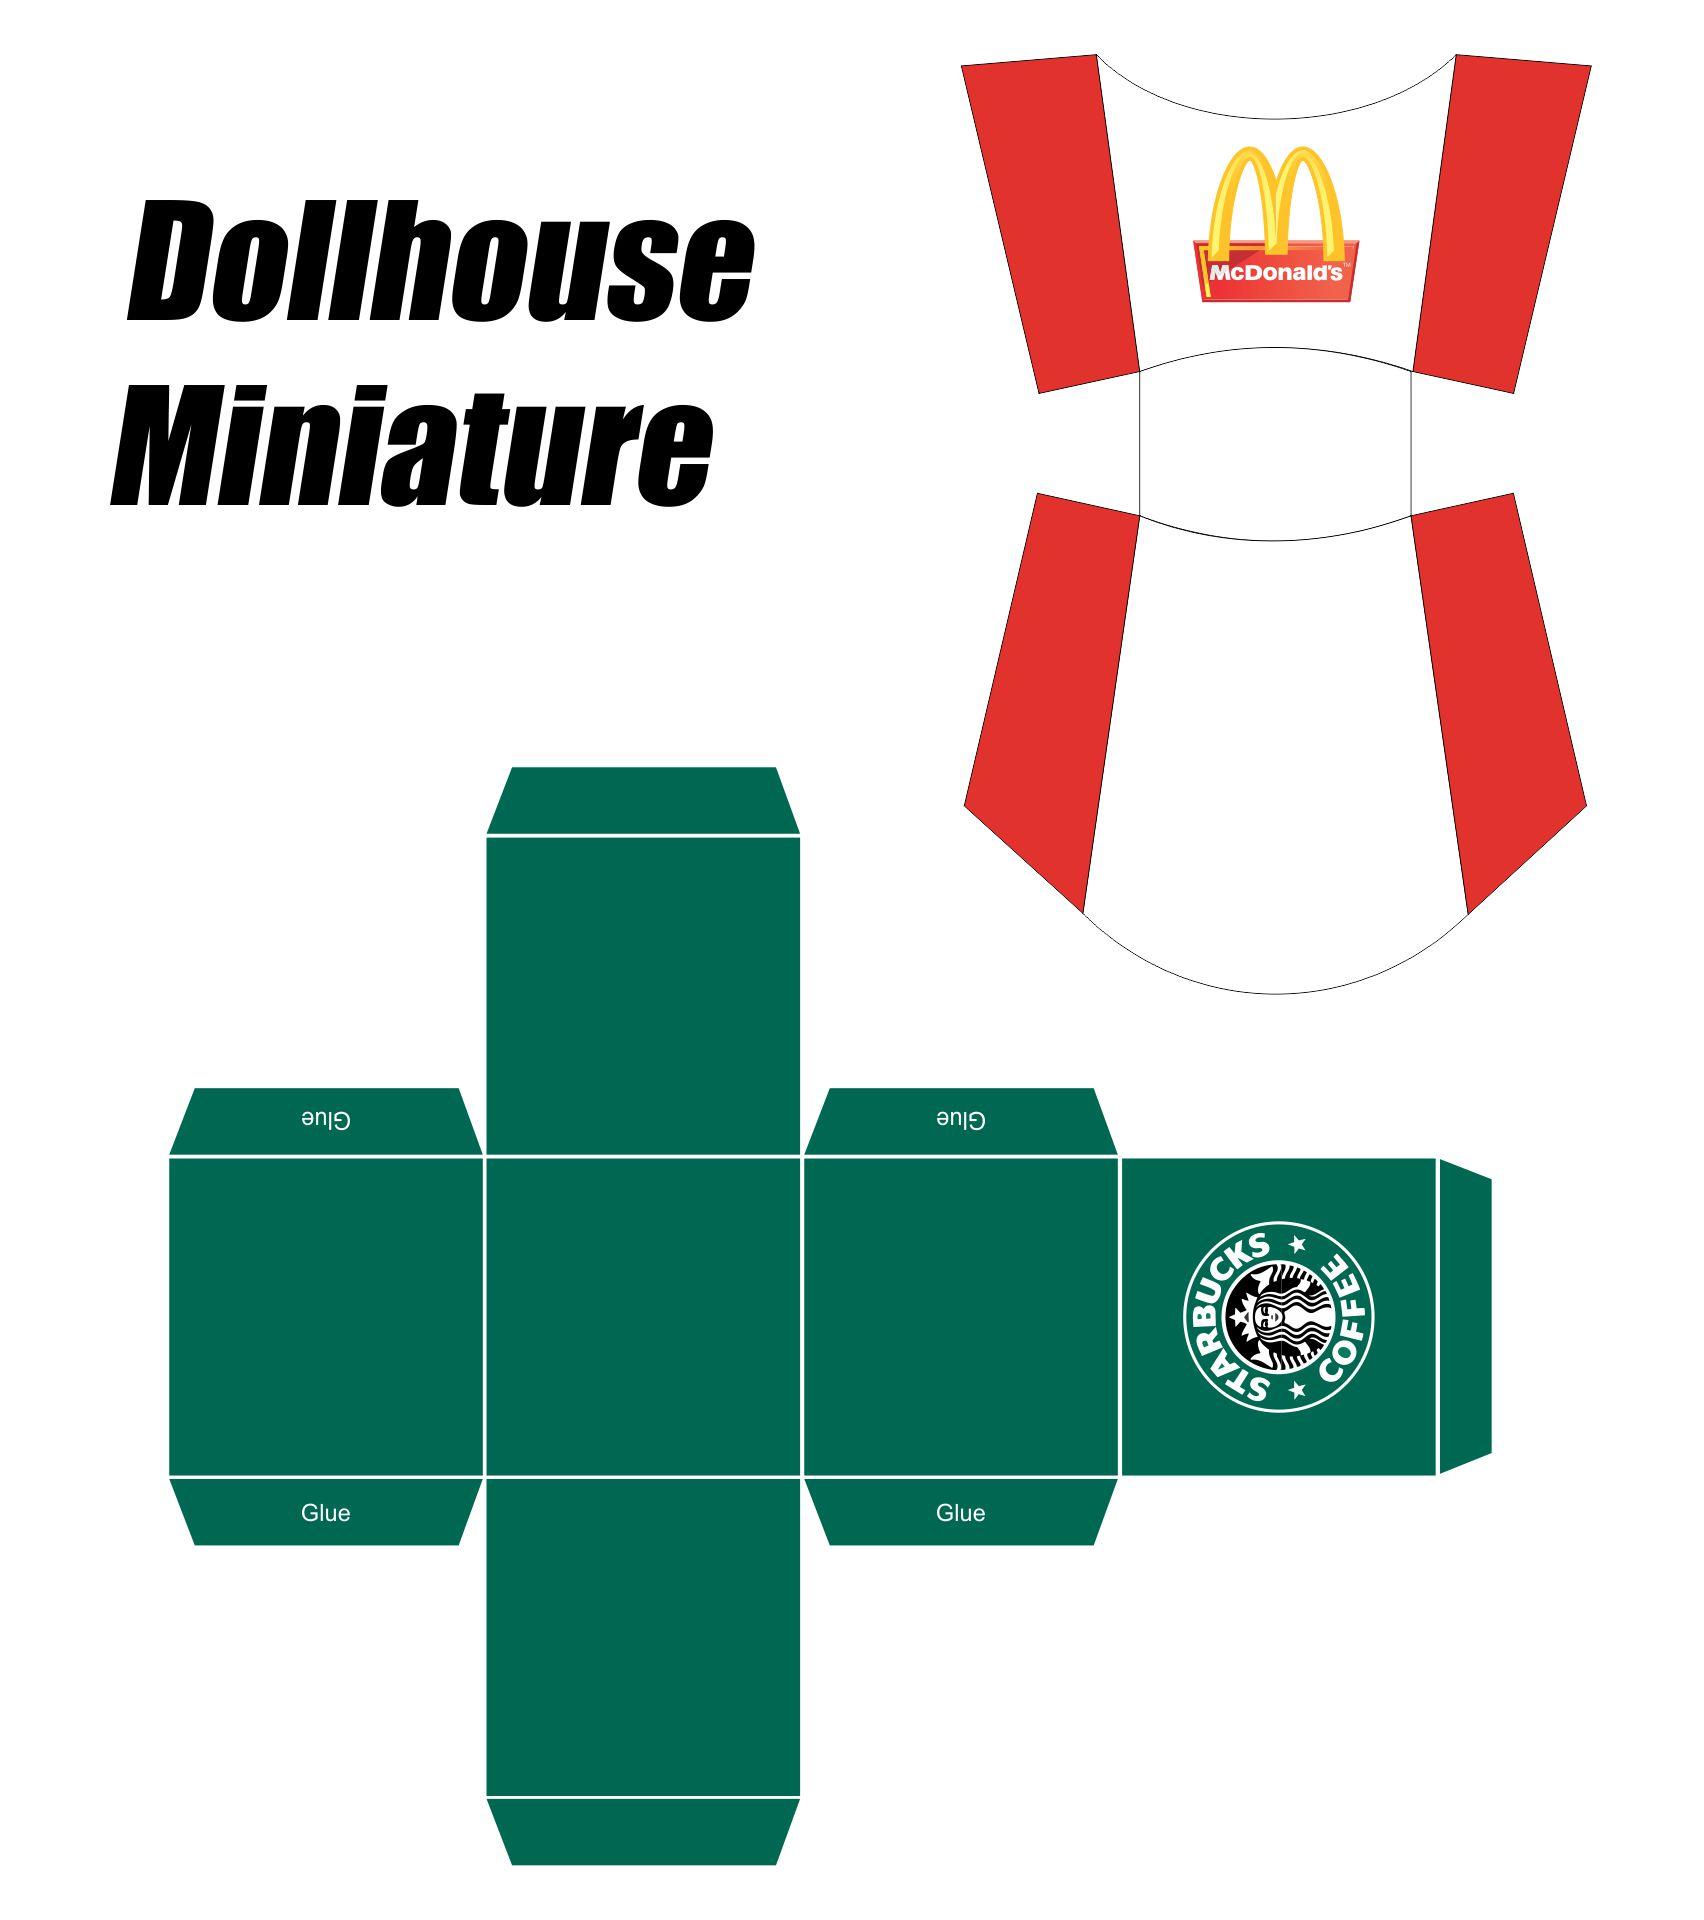 Dollhouse Miniature Printies